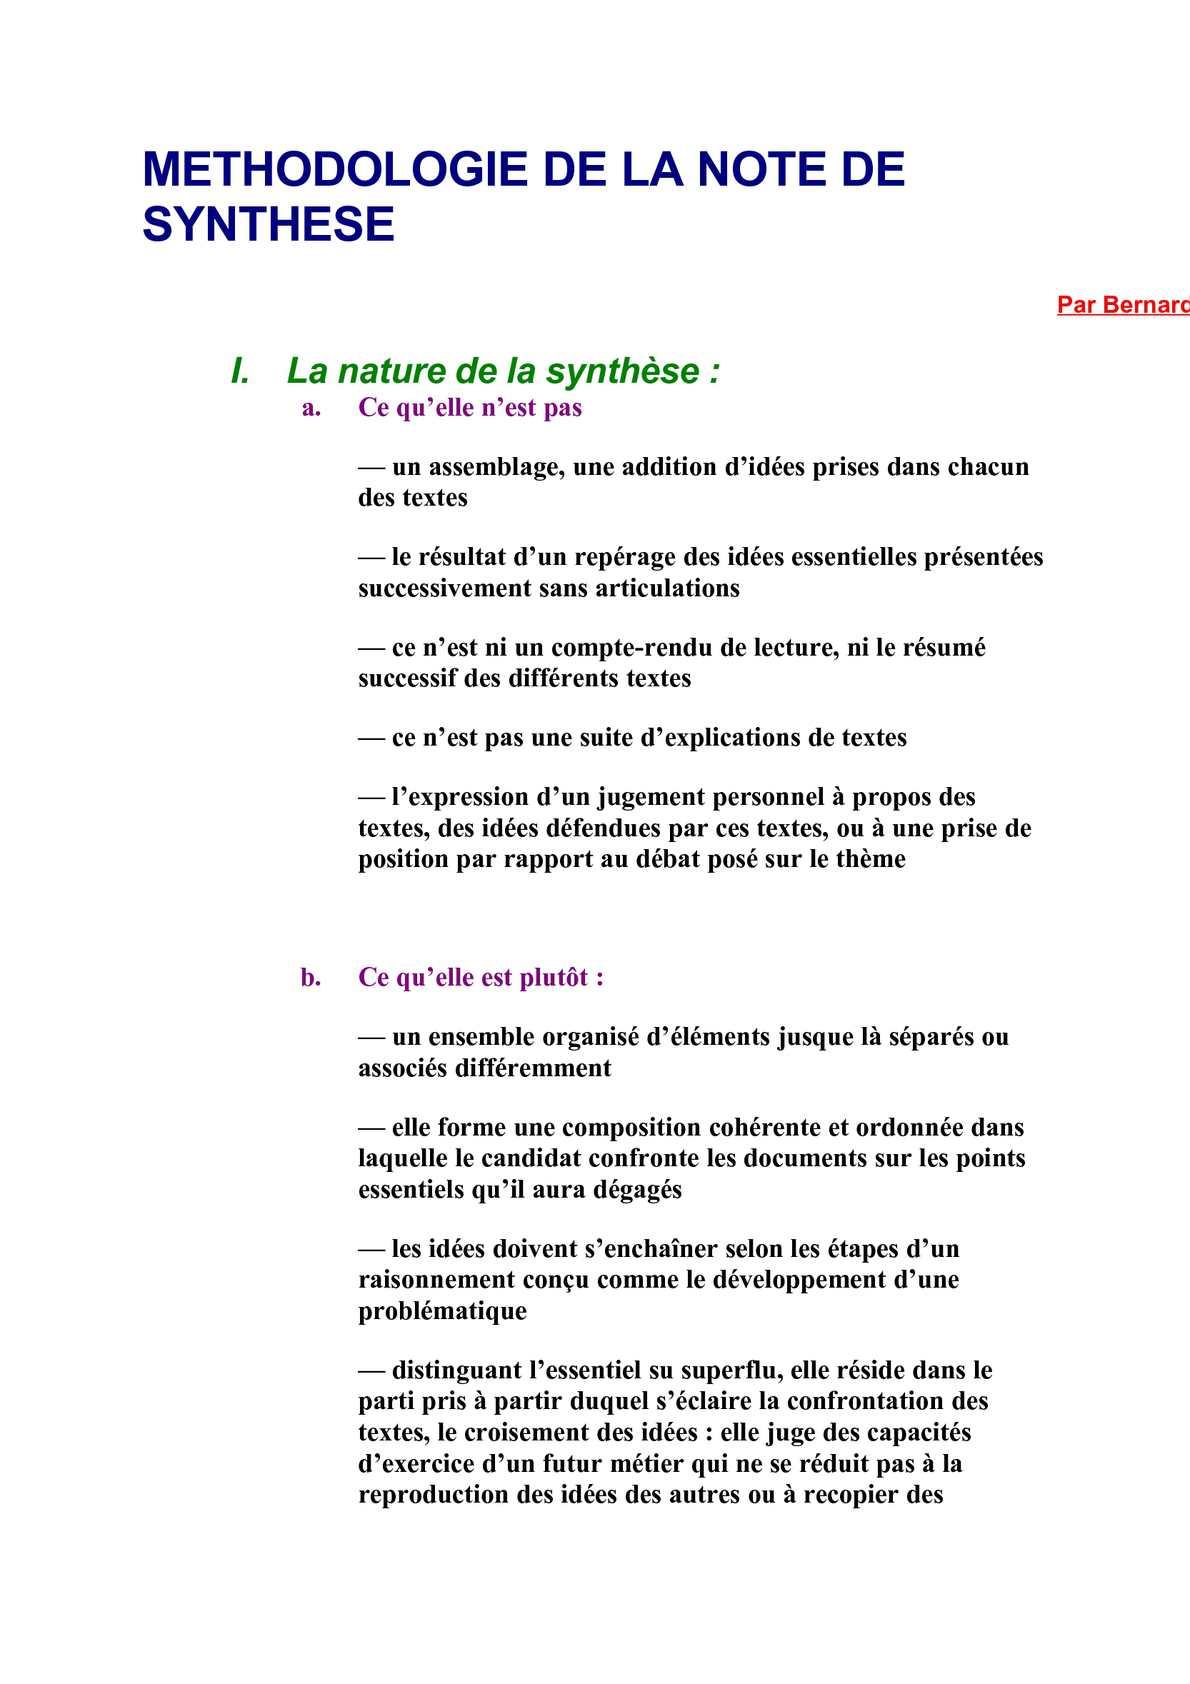 Rédaction D Une Note De Synthèse Exemple - Le Meilleur Exemple